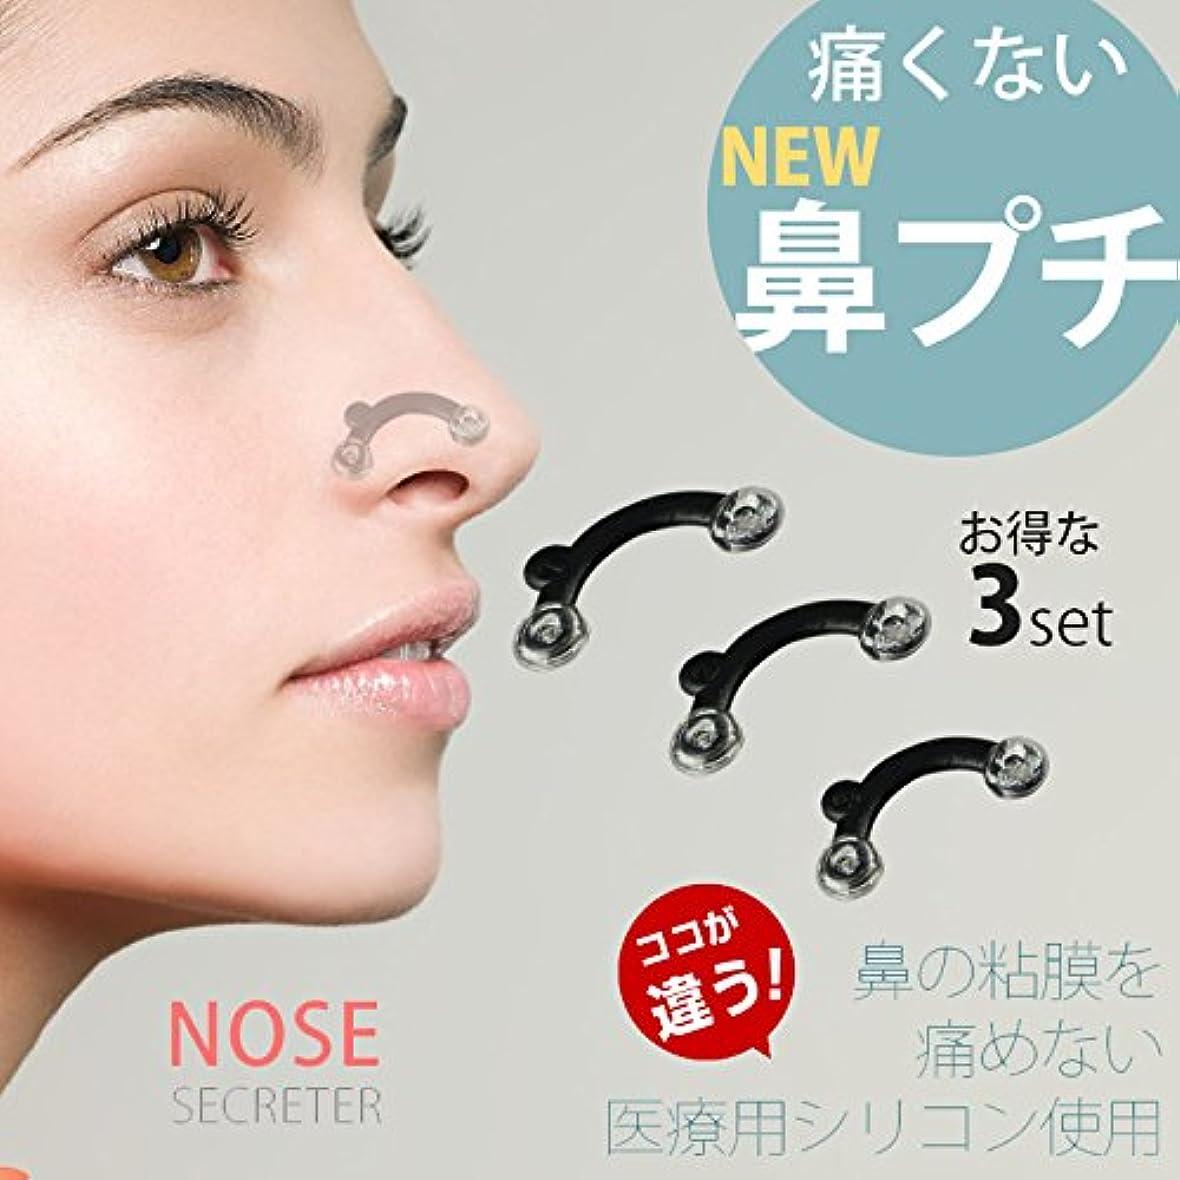 フリッパー恒久的君主制OUSENEI 鼻プチ 矯正プチ 美鼻 整形せず 医療用シリコン製 柔らかい 痛くない ハナのアイプチ 24.5mm/25.5mm/27mm 全3サイズ 3点セット (ブラック)